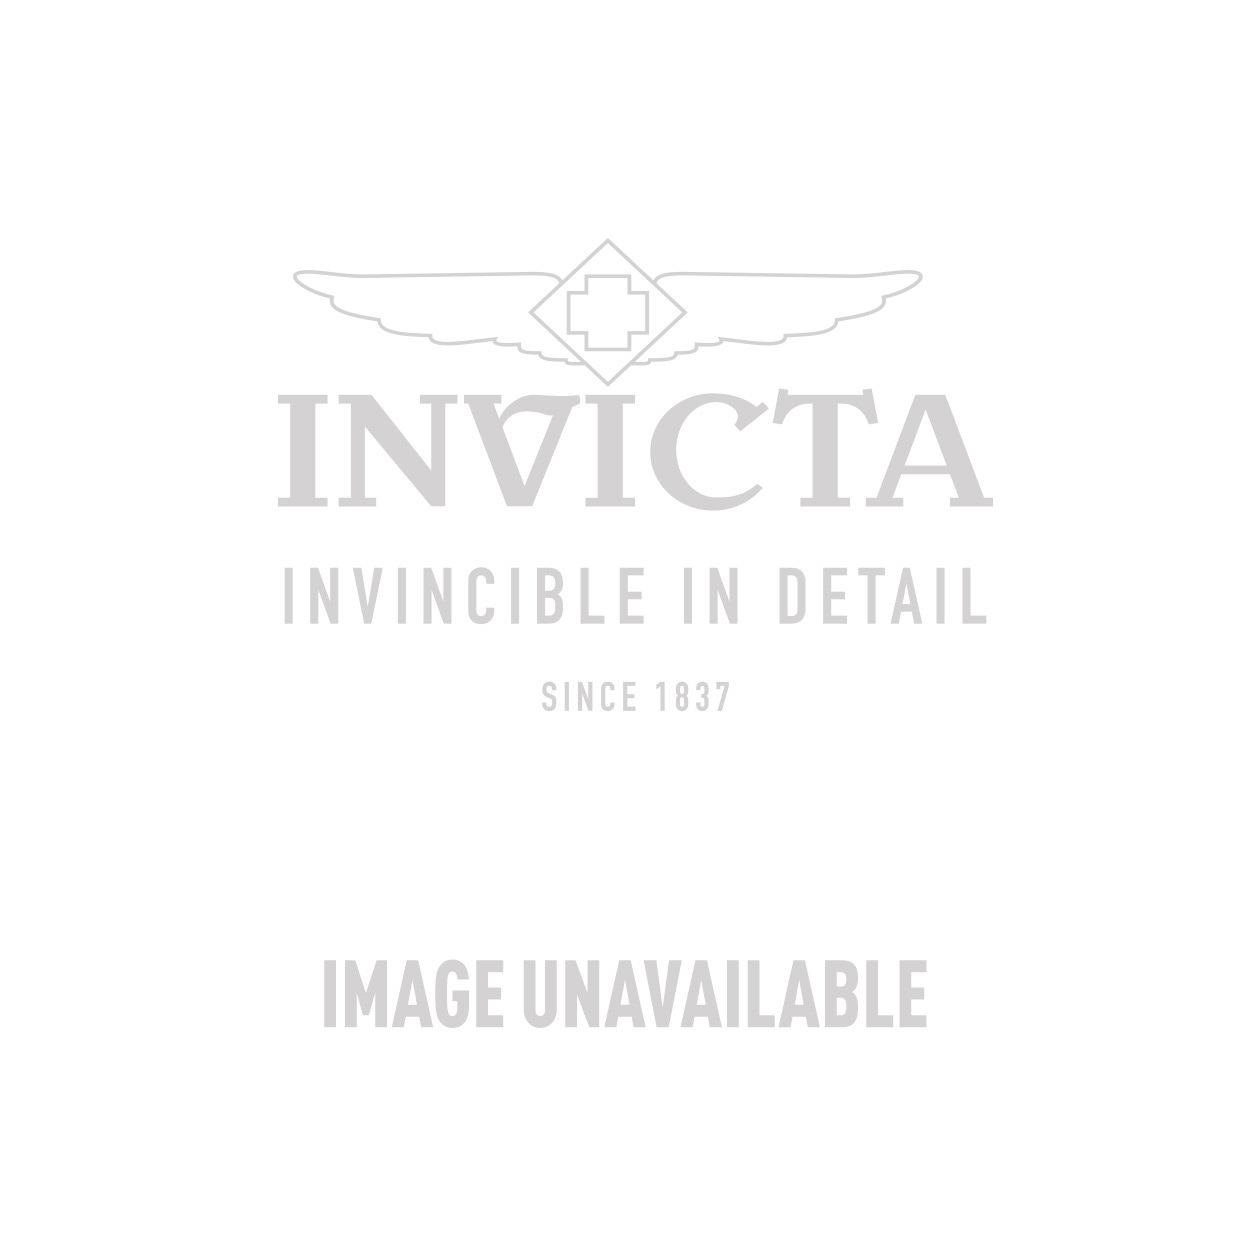 Invicta Model 29304